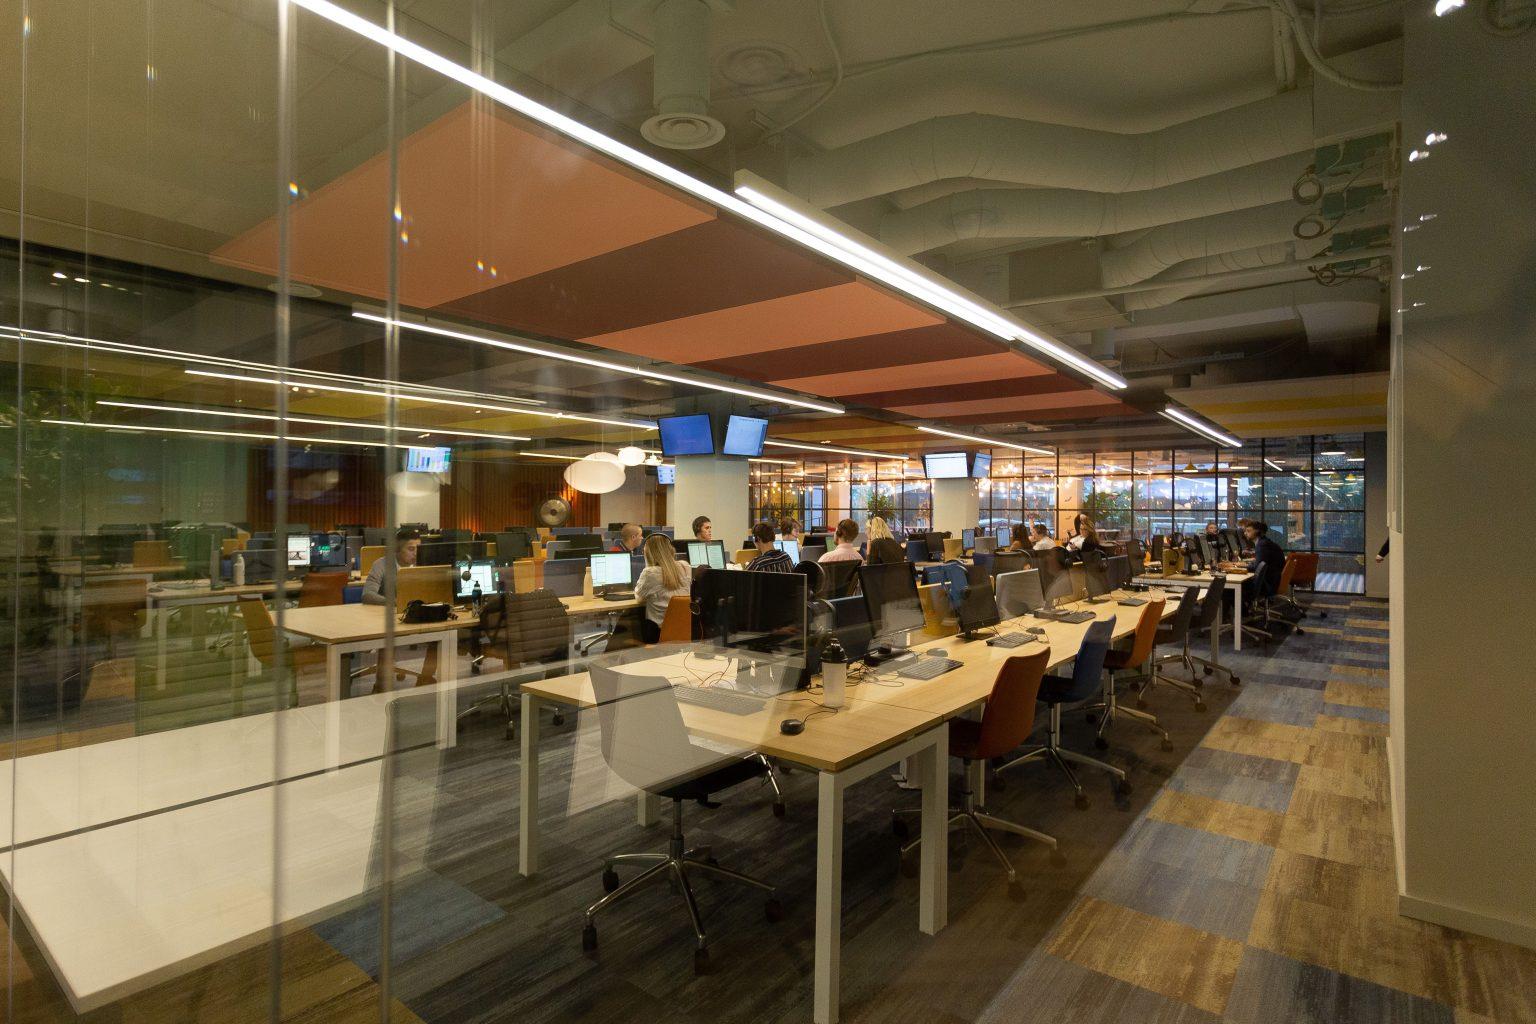 oficinas-effective-empresas-de-instalaciones-electricas